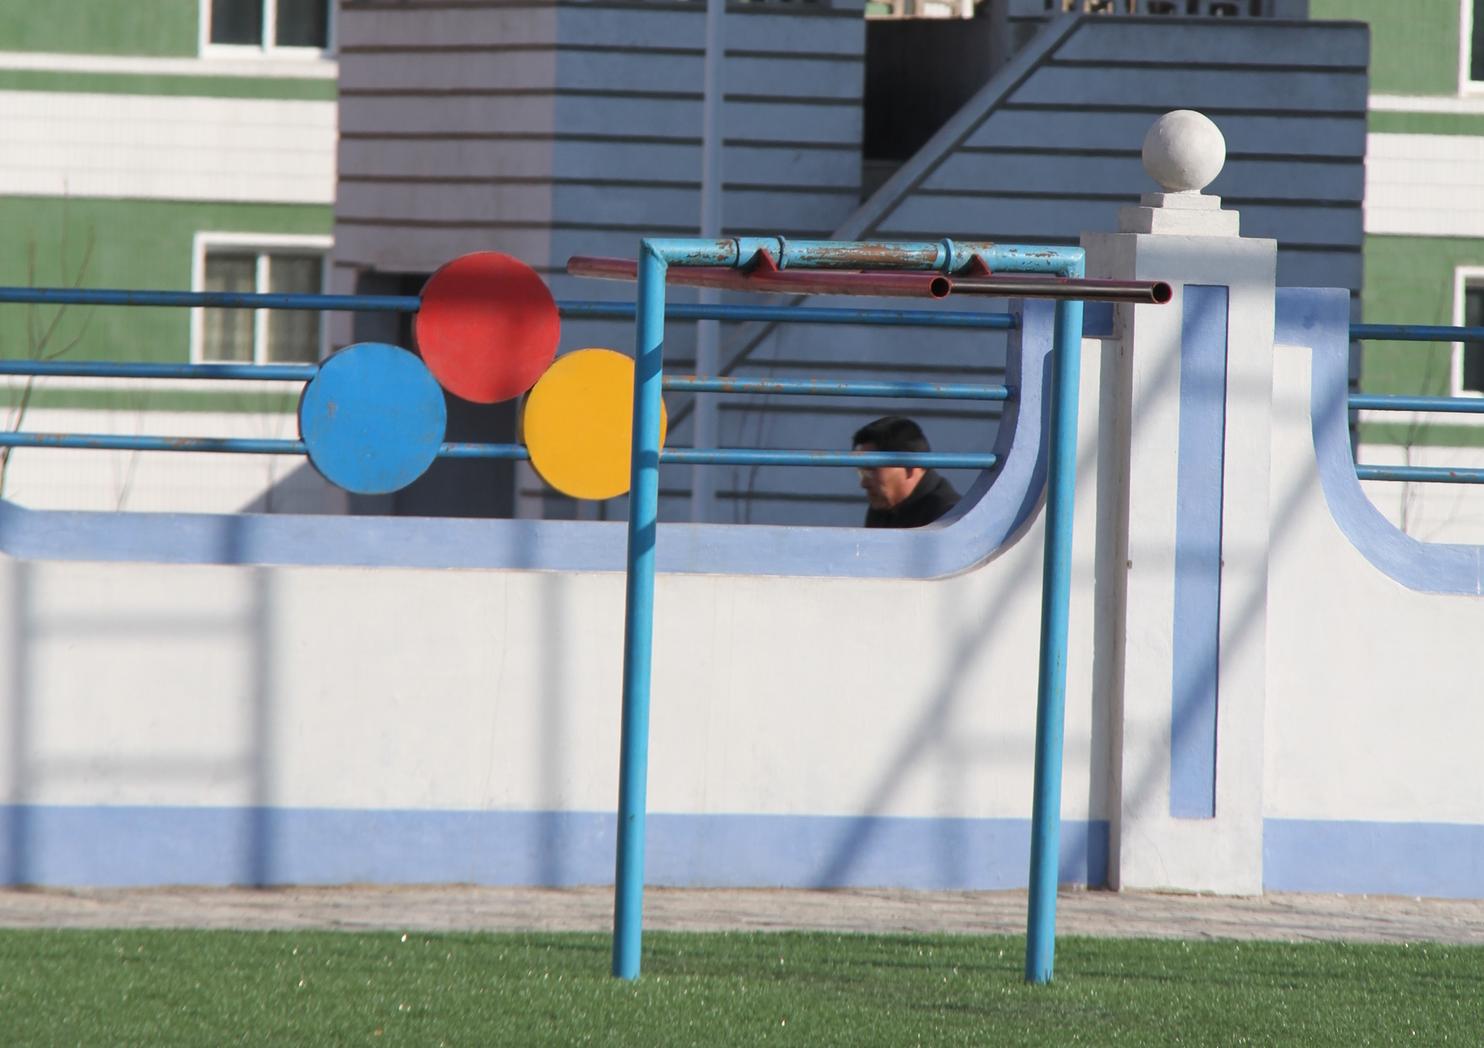 The terrifying swing game thing.                              Photo by Chua Guan Cheong